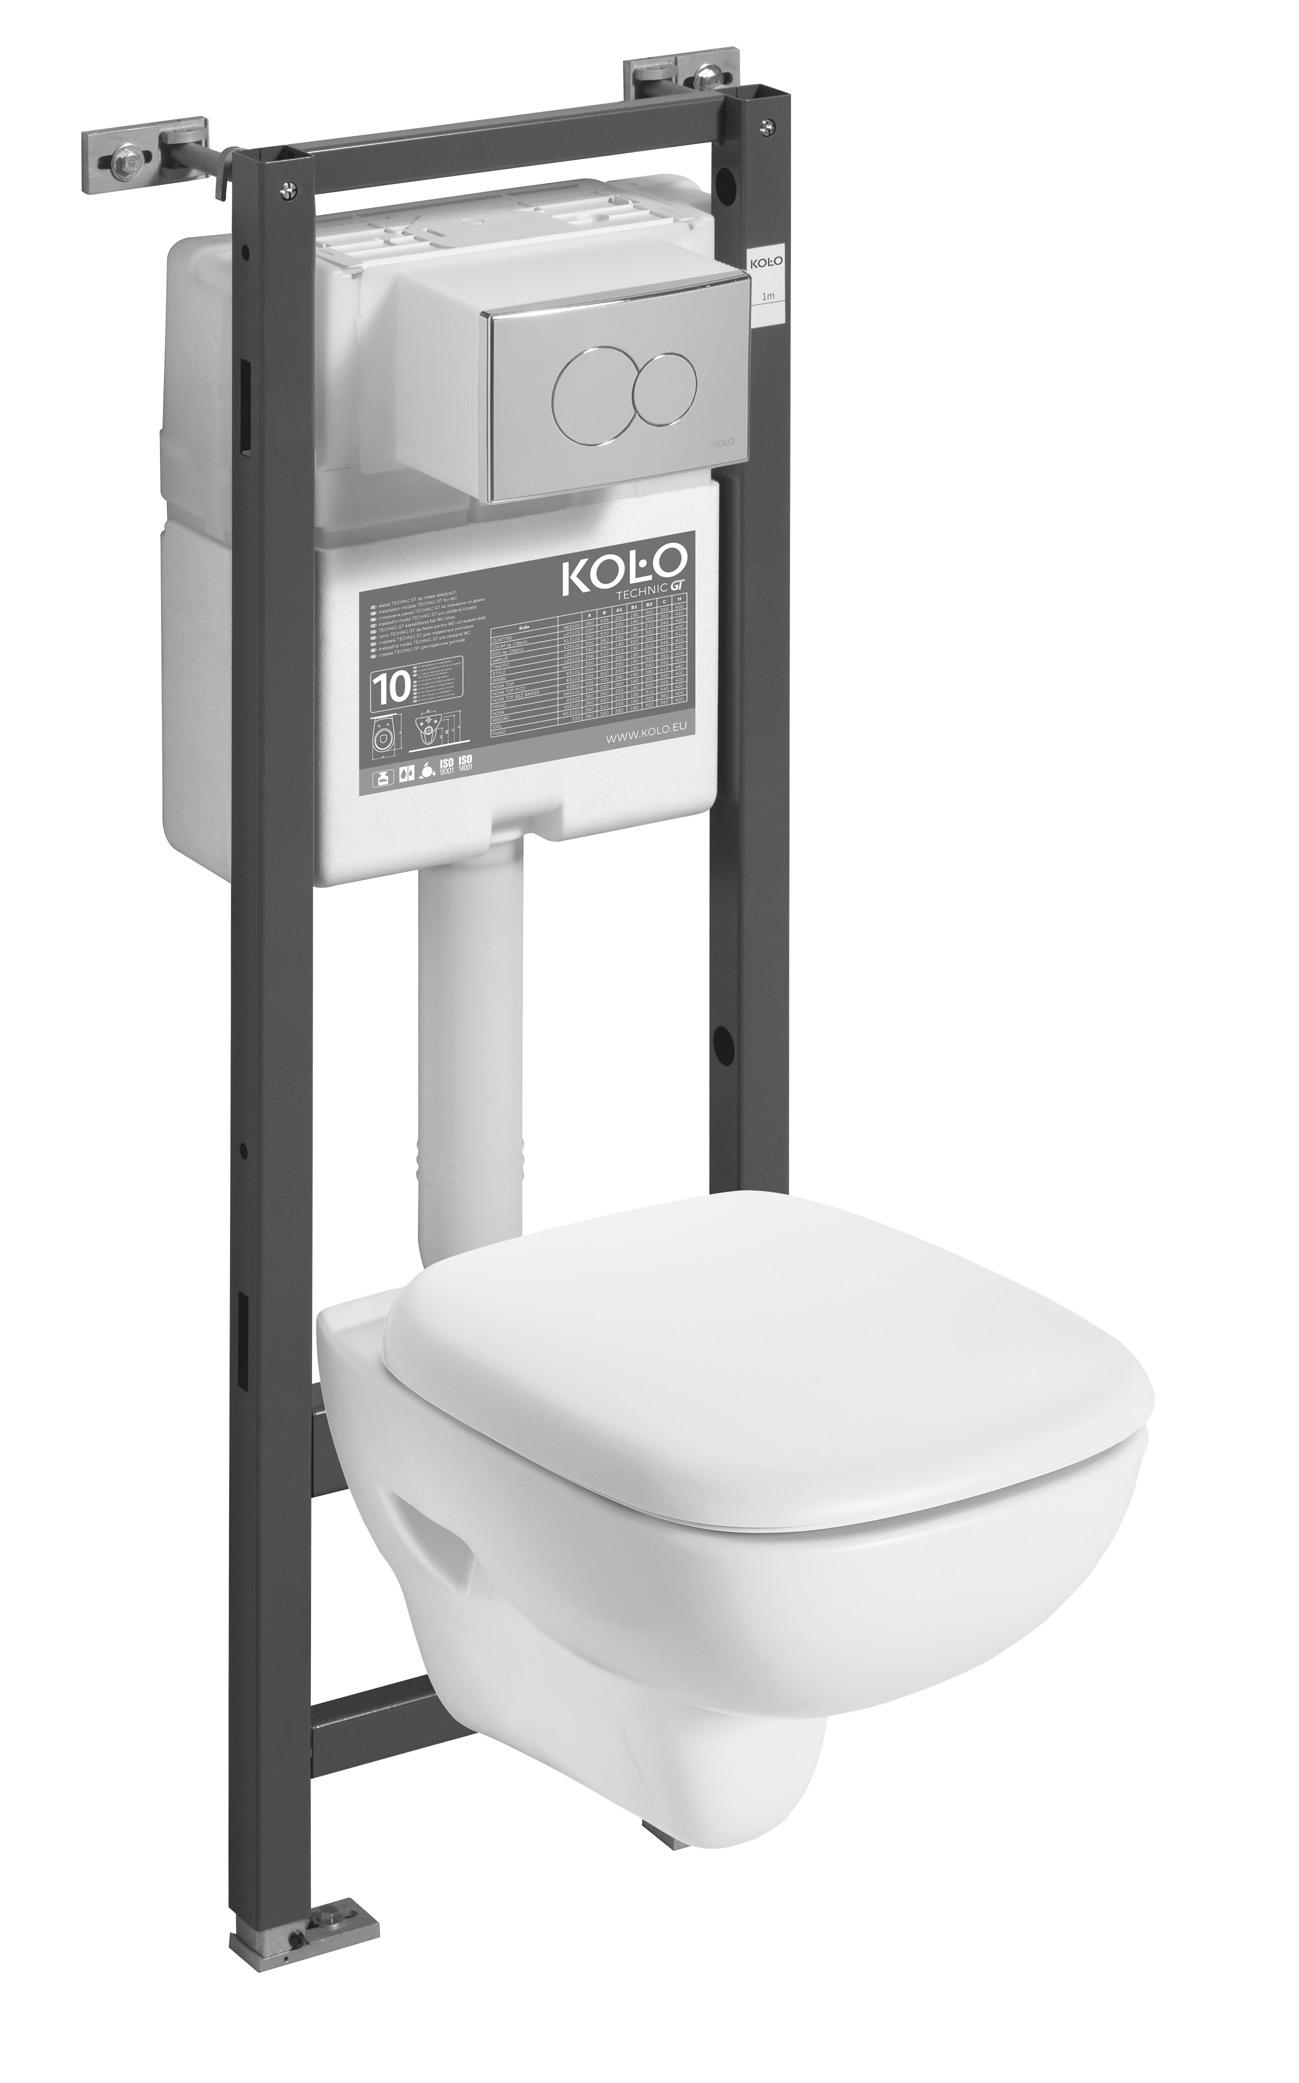 Kolo Závěsný SET Style s Reflex Kolo a Smart Fresh 99339900